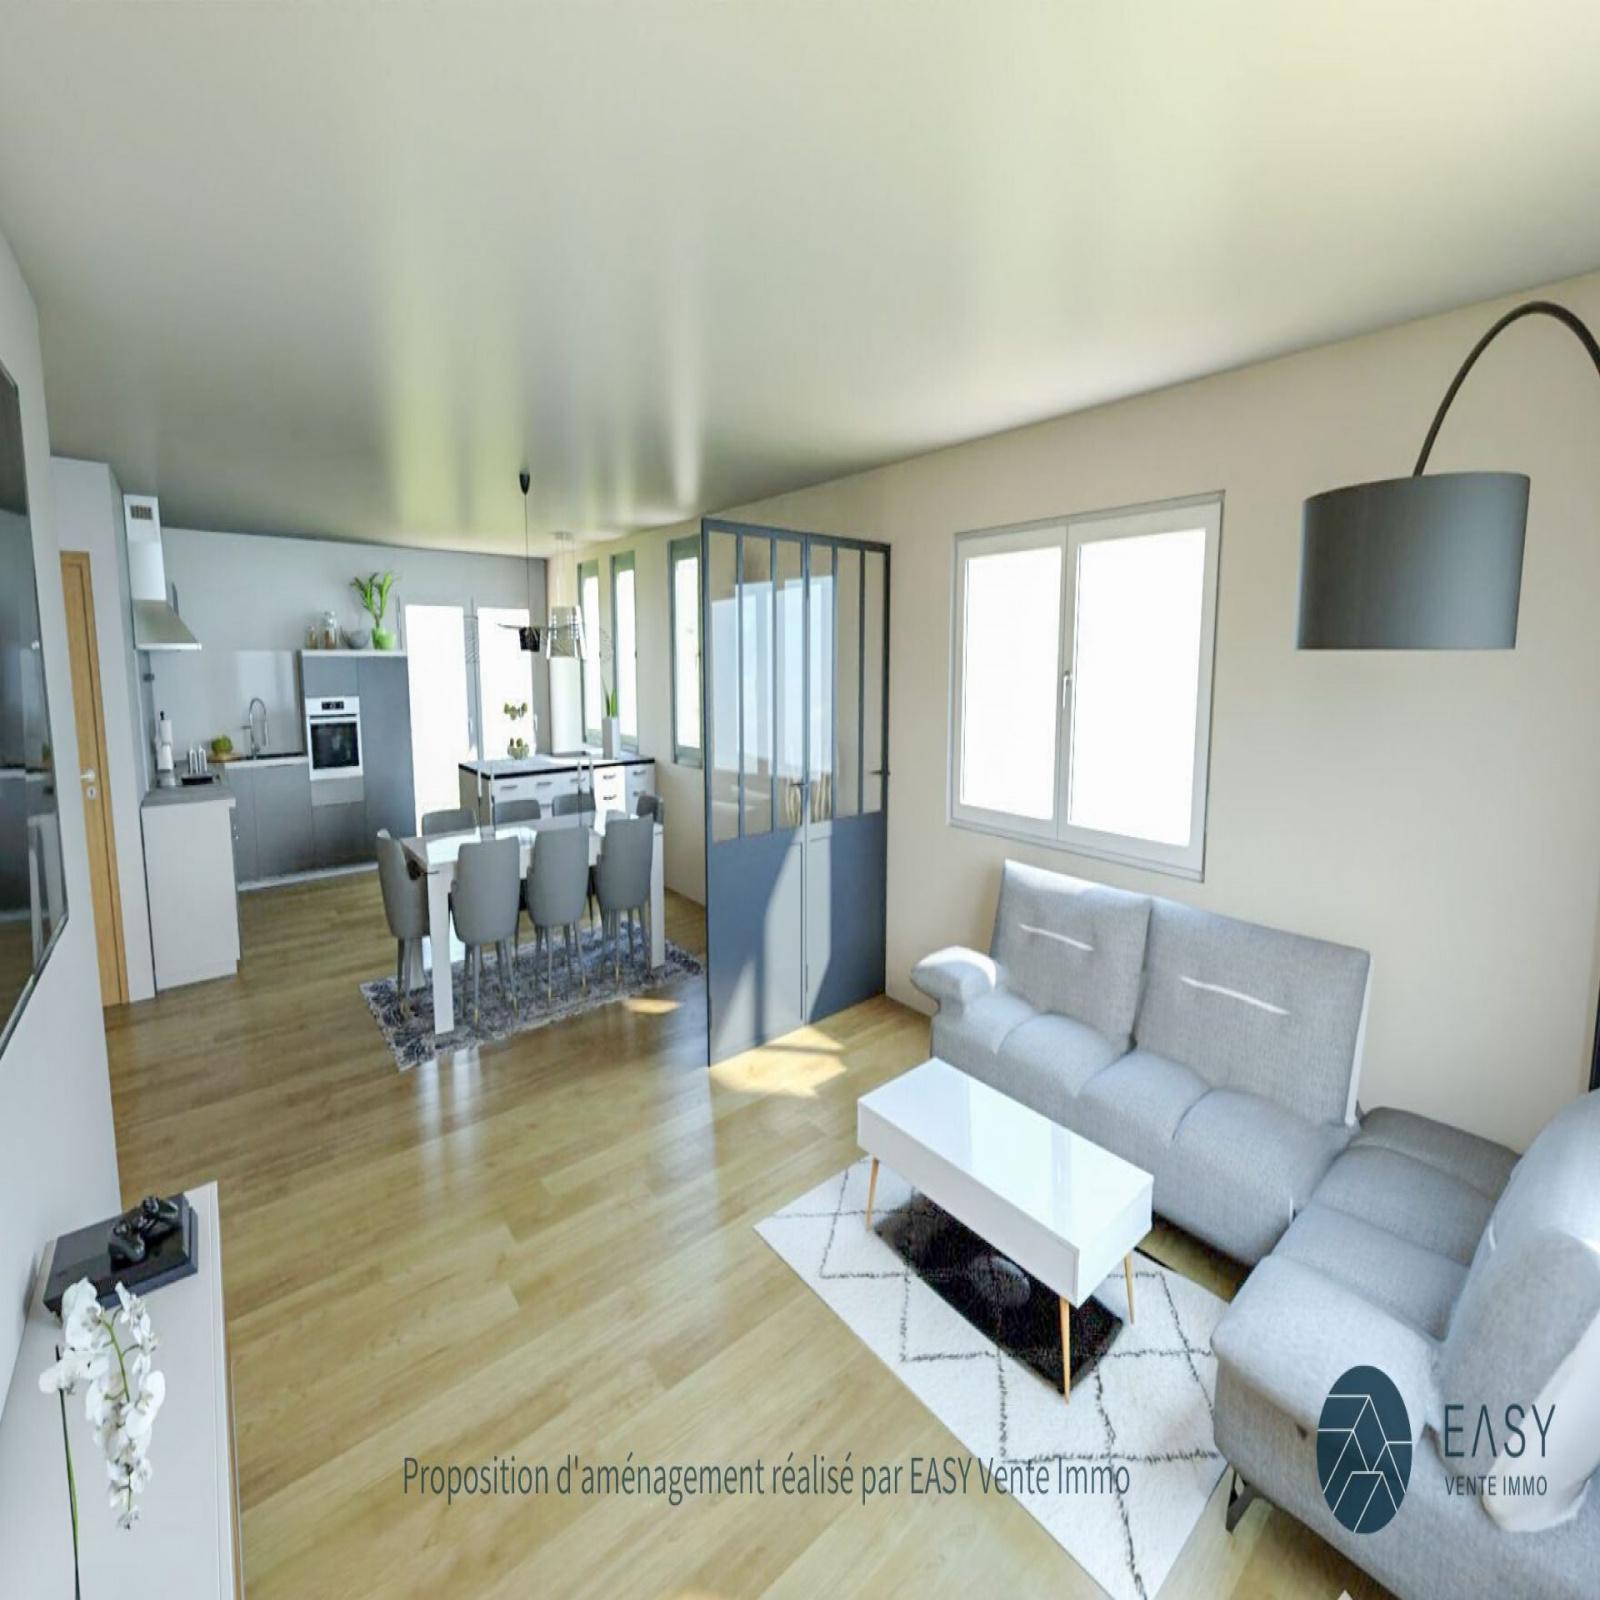 Prix Amenagement Comble 20M2 vente maison 6 pièces 180m2 | easy vente immo